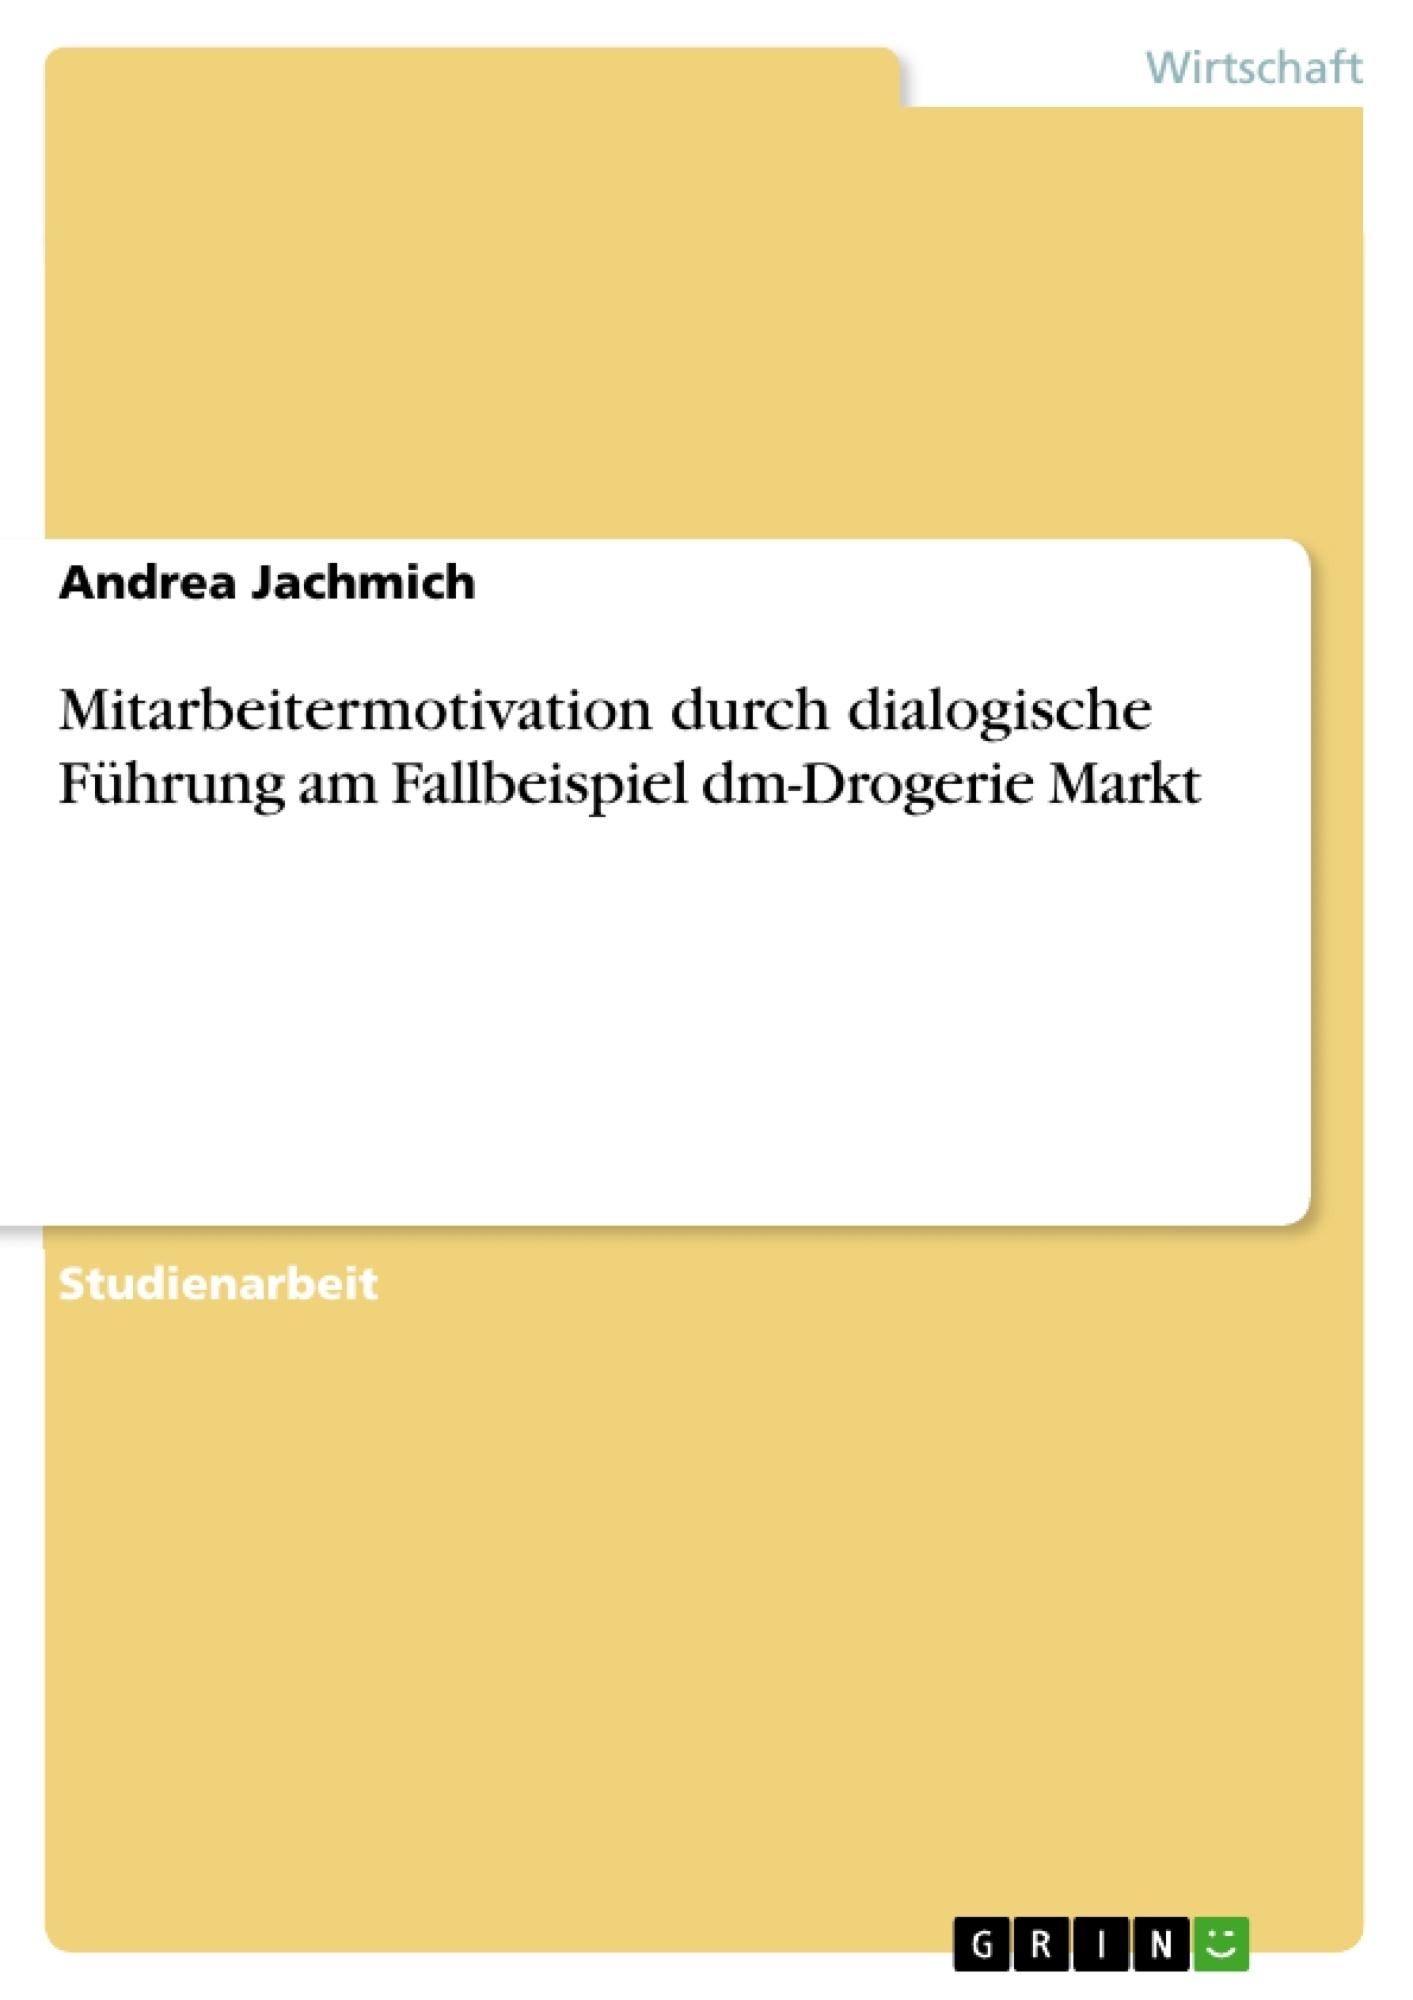 Titel: Mitarbeitermotivation durch dialogische Führung am Fallbeispiel dm-Drogerie Markt